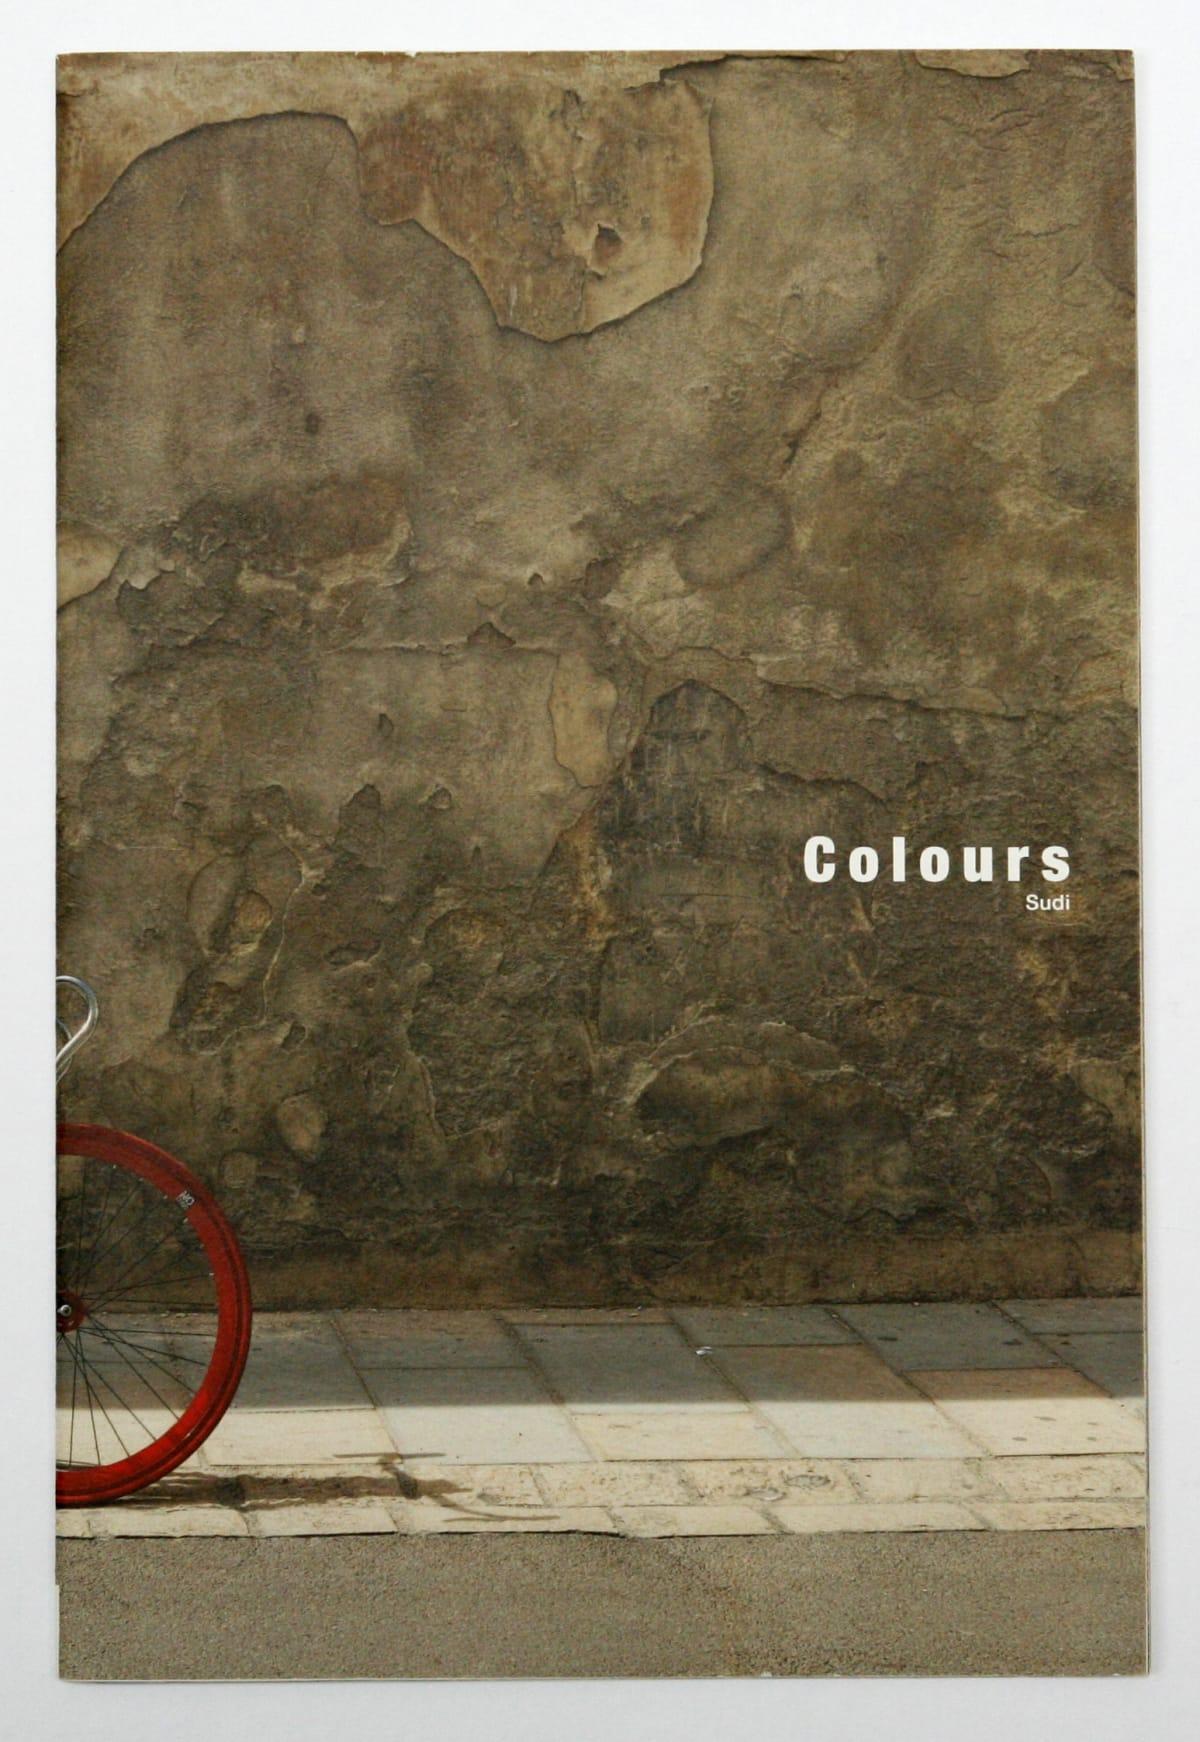 Colours - Sudi